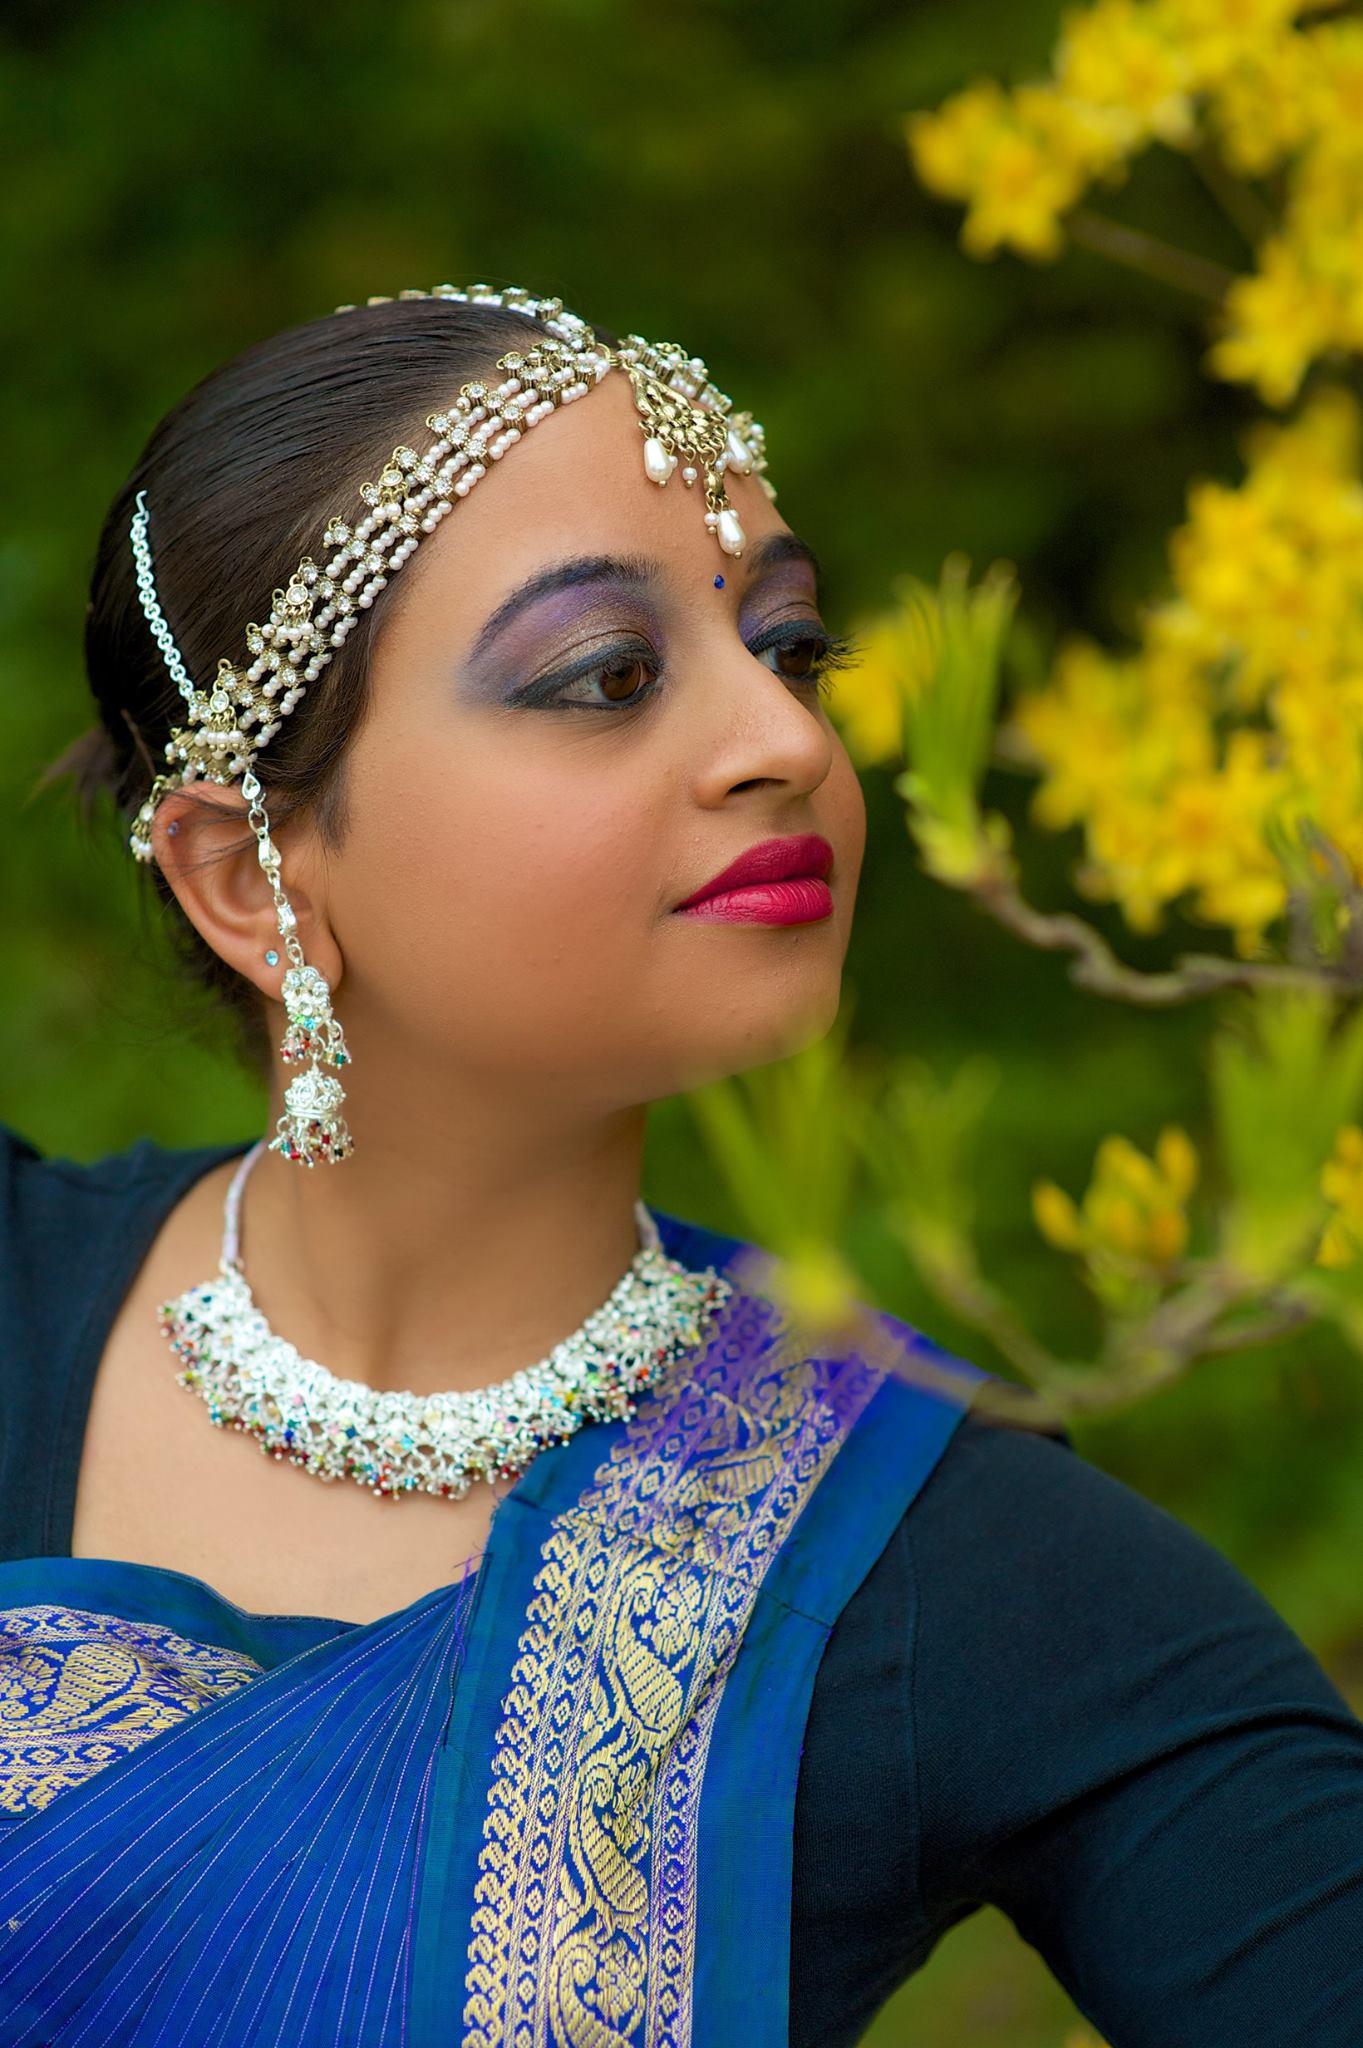 Veena Dhulipala